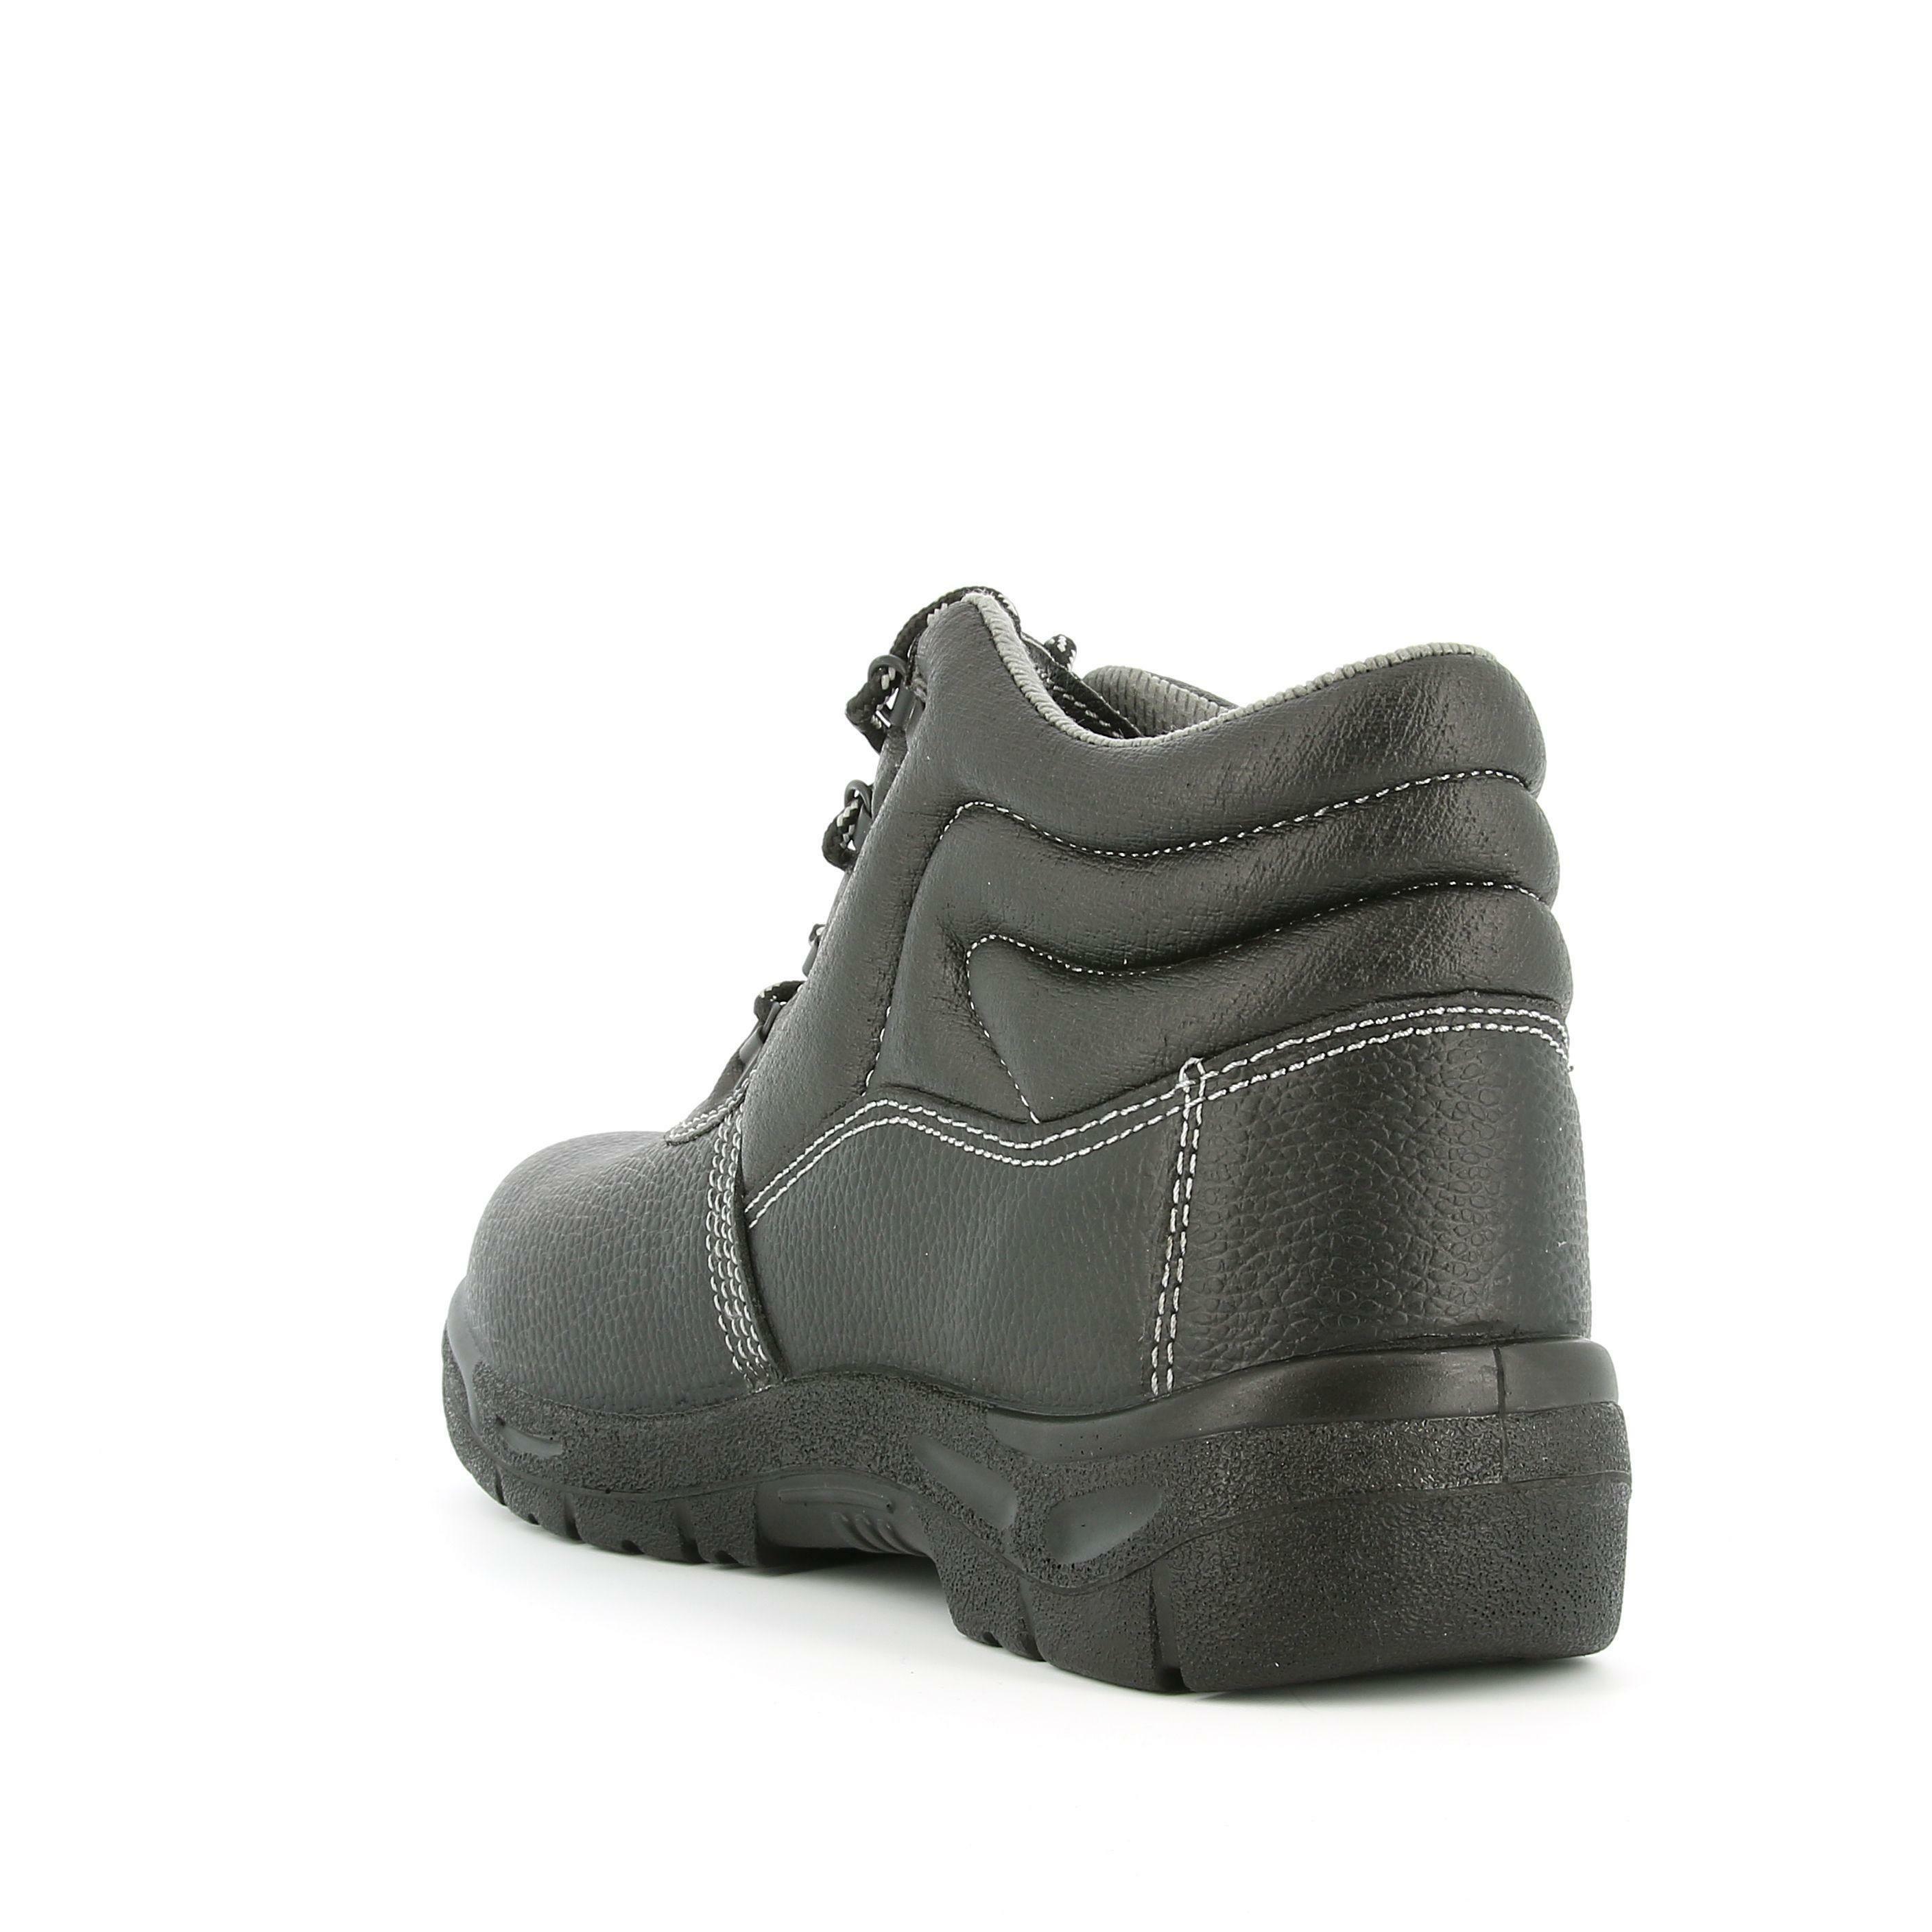 level 1 level 1 antinfortunio calz. alta pelle 10102 s1p nero